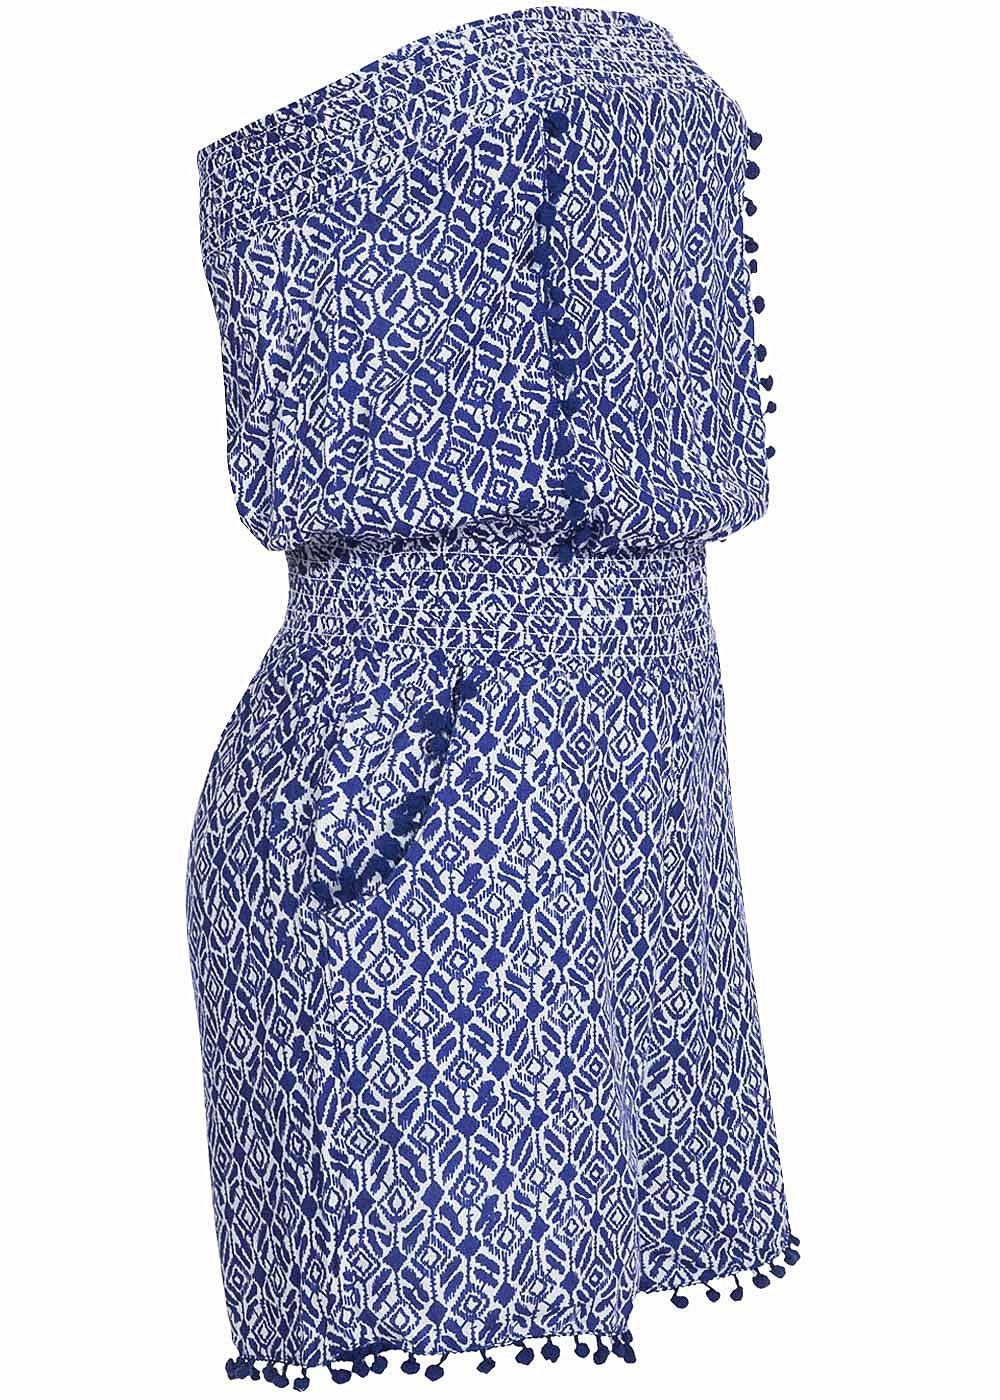 tally weijl damen jumpsuit scbvicoca hhz2 ethno muster 2 taschen blau weiss ebay. Black Bedroom Furniture Sets. Home Design Ideas